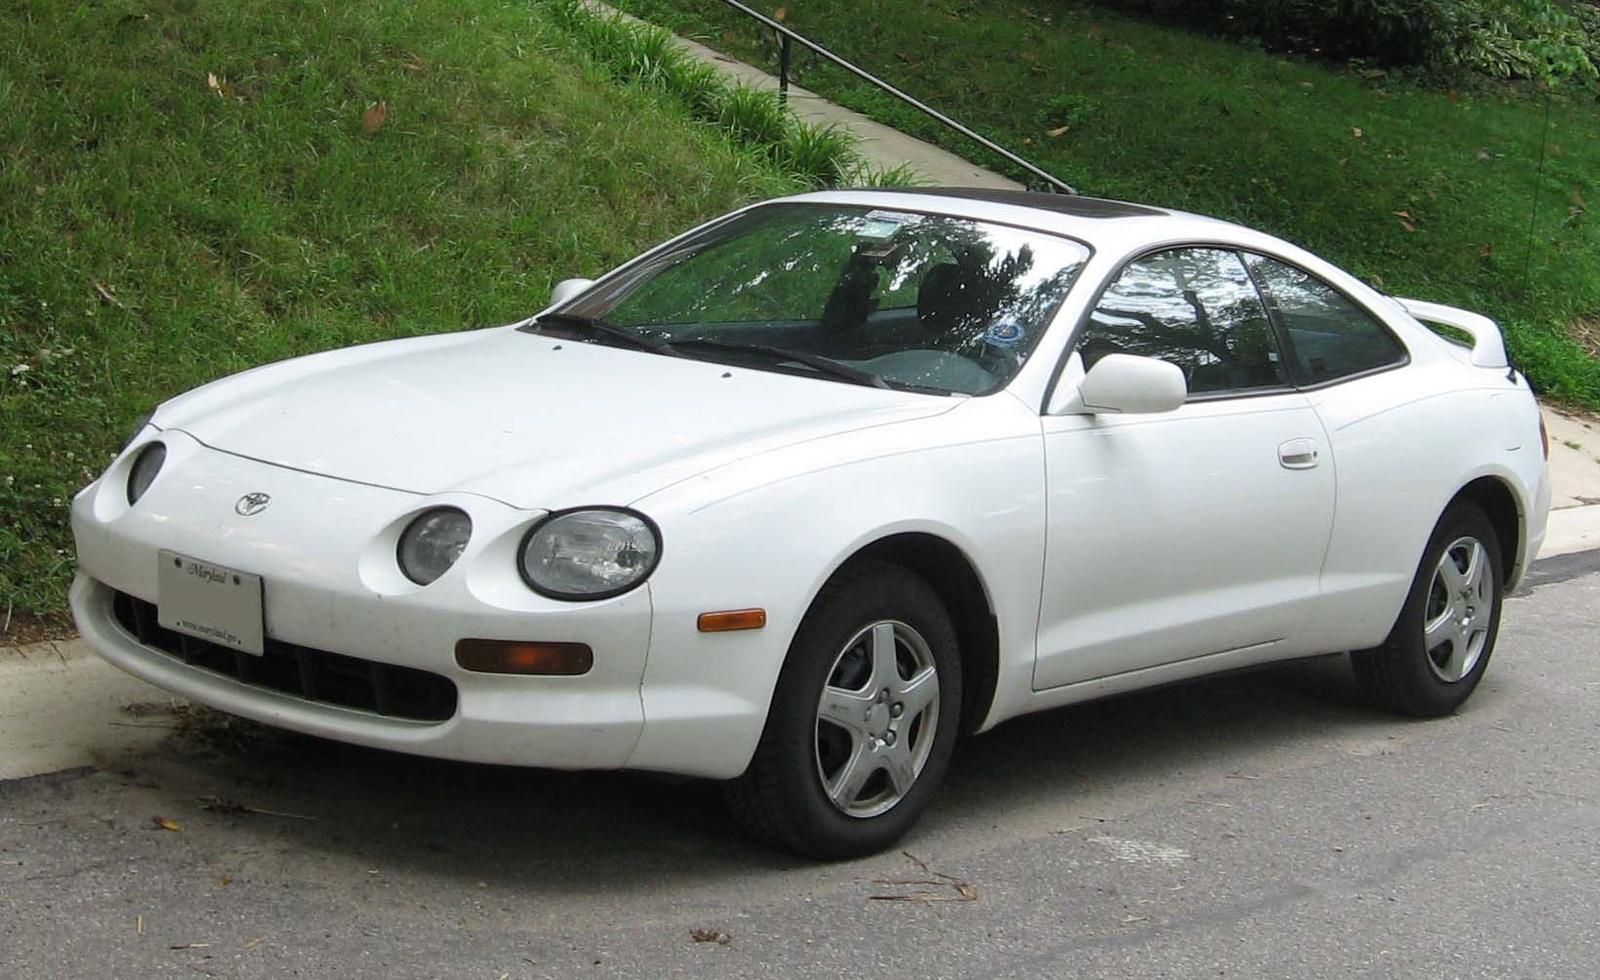 1996 Toyota Celica Exterior Pictures Cargurus